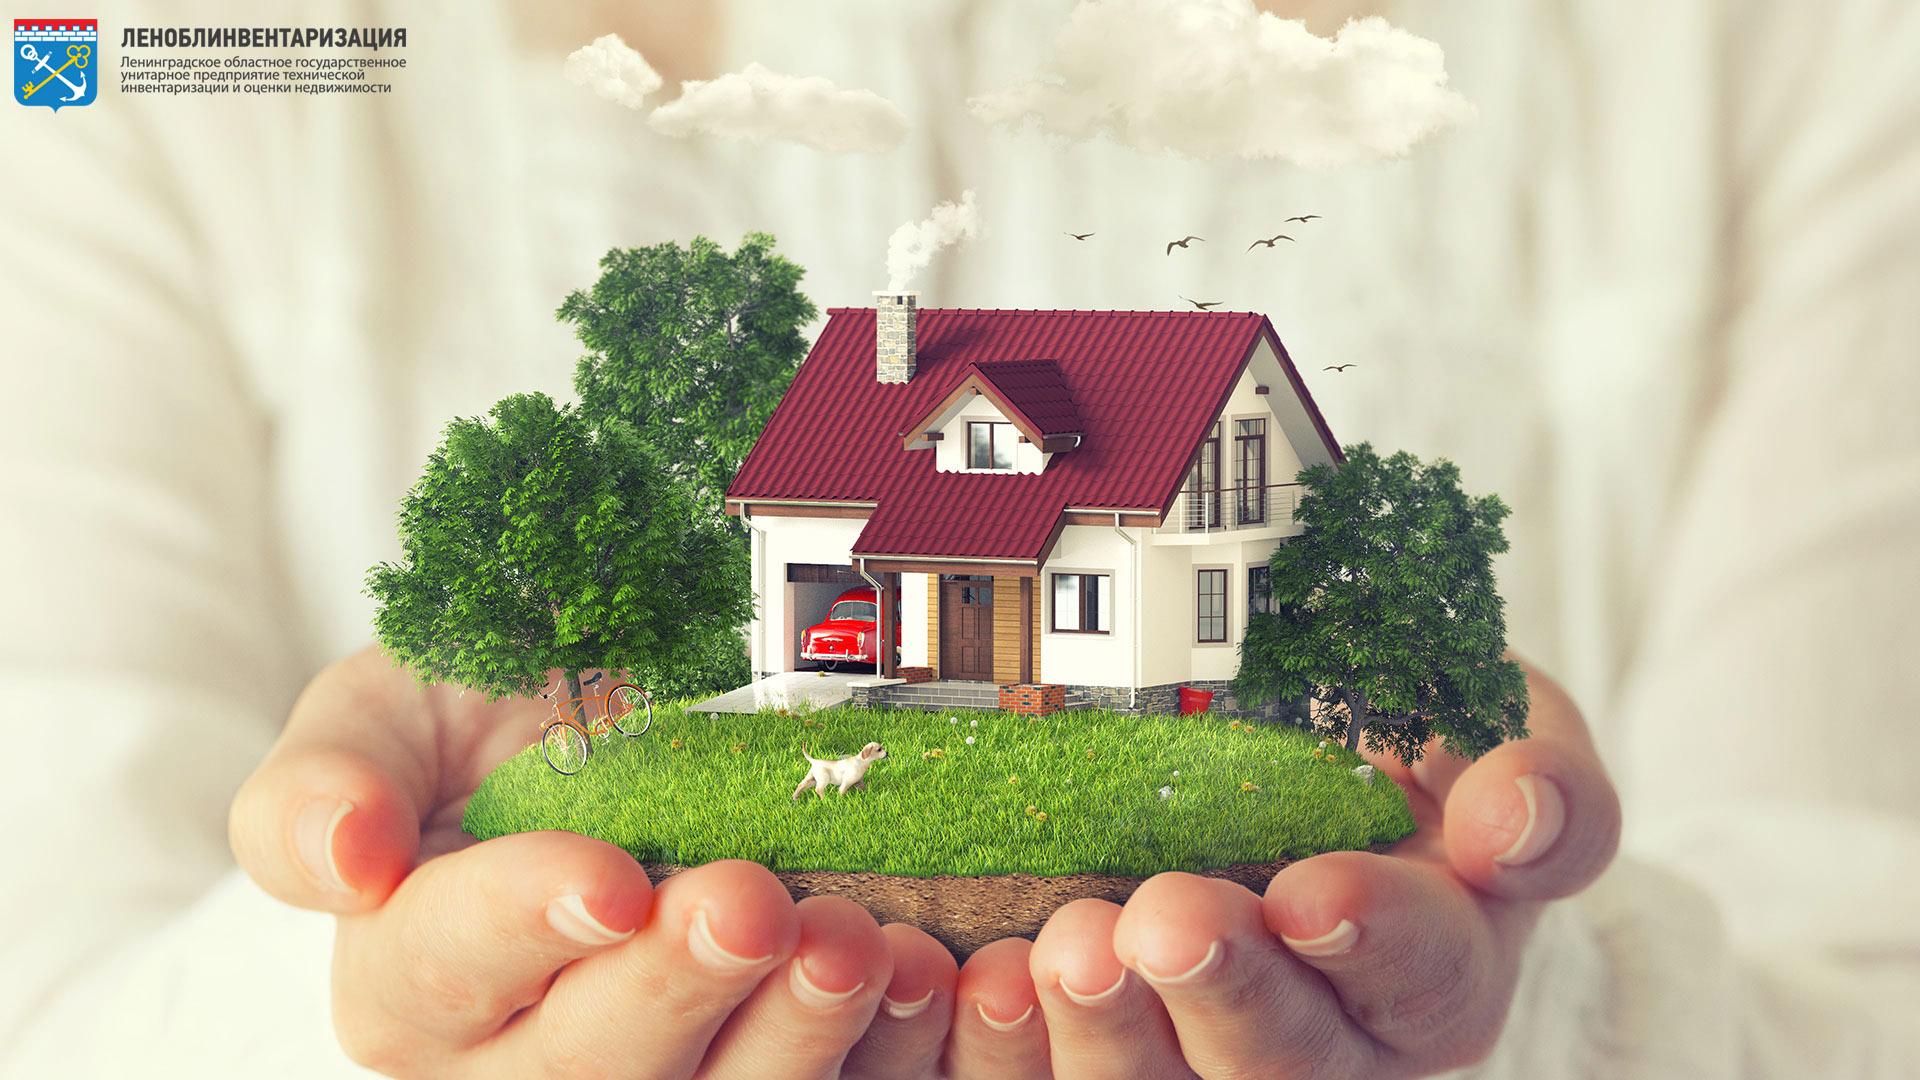 ГУП «Леноблинвентаризация» напоминает, что упрощенный порядок оформления садовых и жилых домов, которые построены на садовых земельных участках, действует до 1 марта 2021 года.